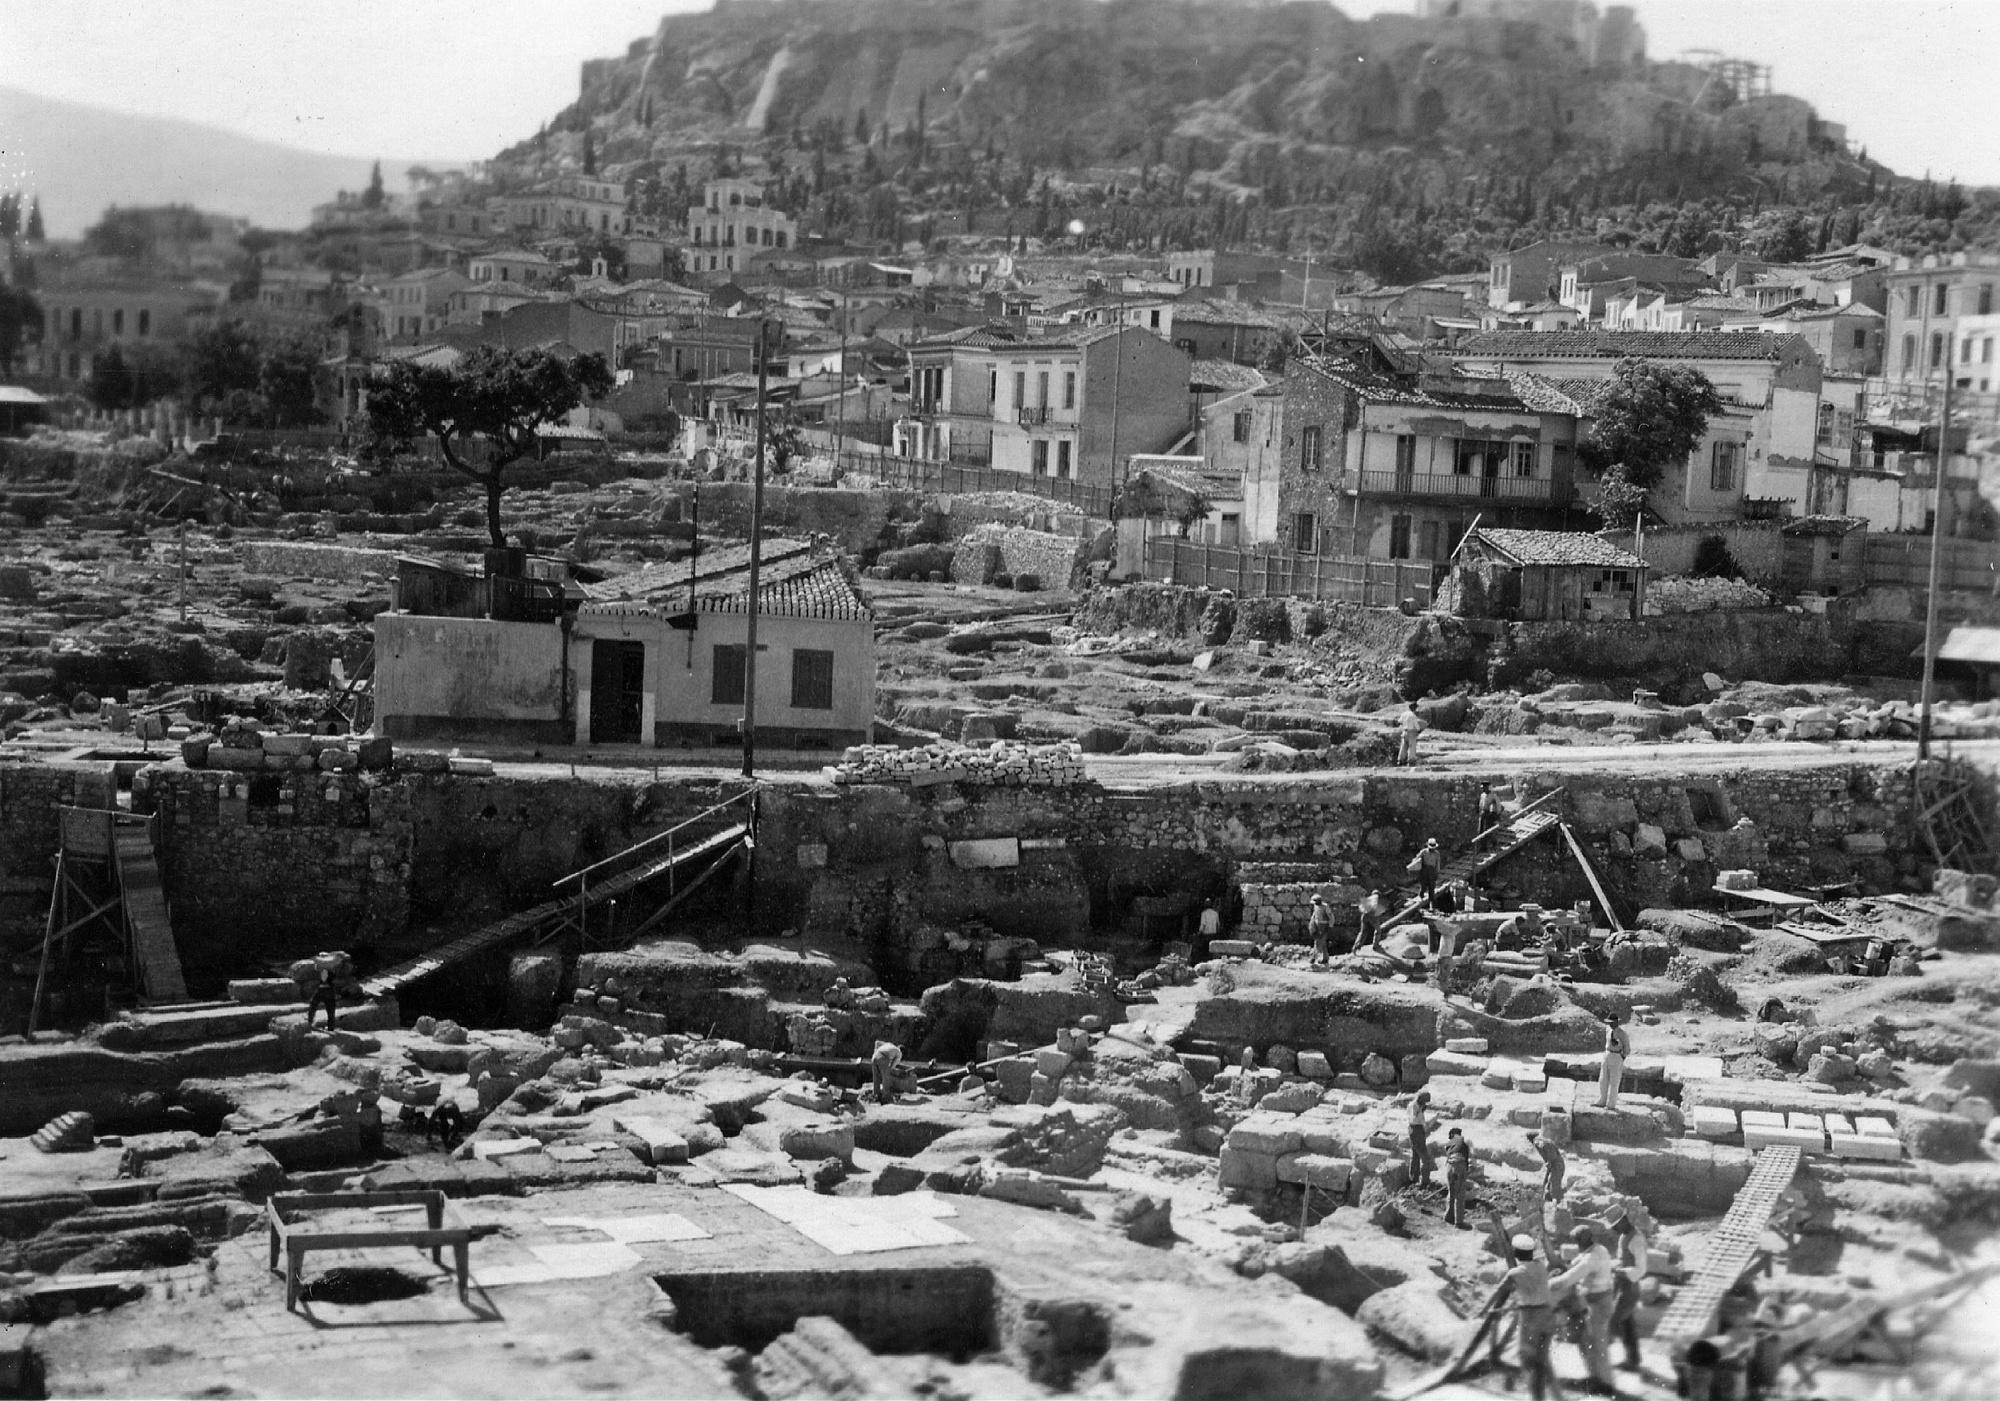 Bildergebnis für Dorothee Burr Thompson, Athenean Agora, Athen (1937), Schwarz-Weiß-Fotografie